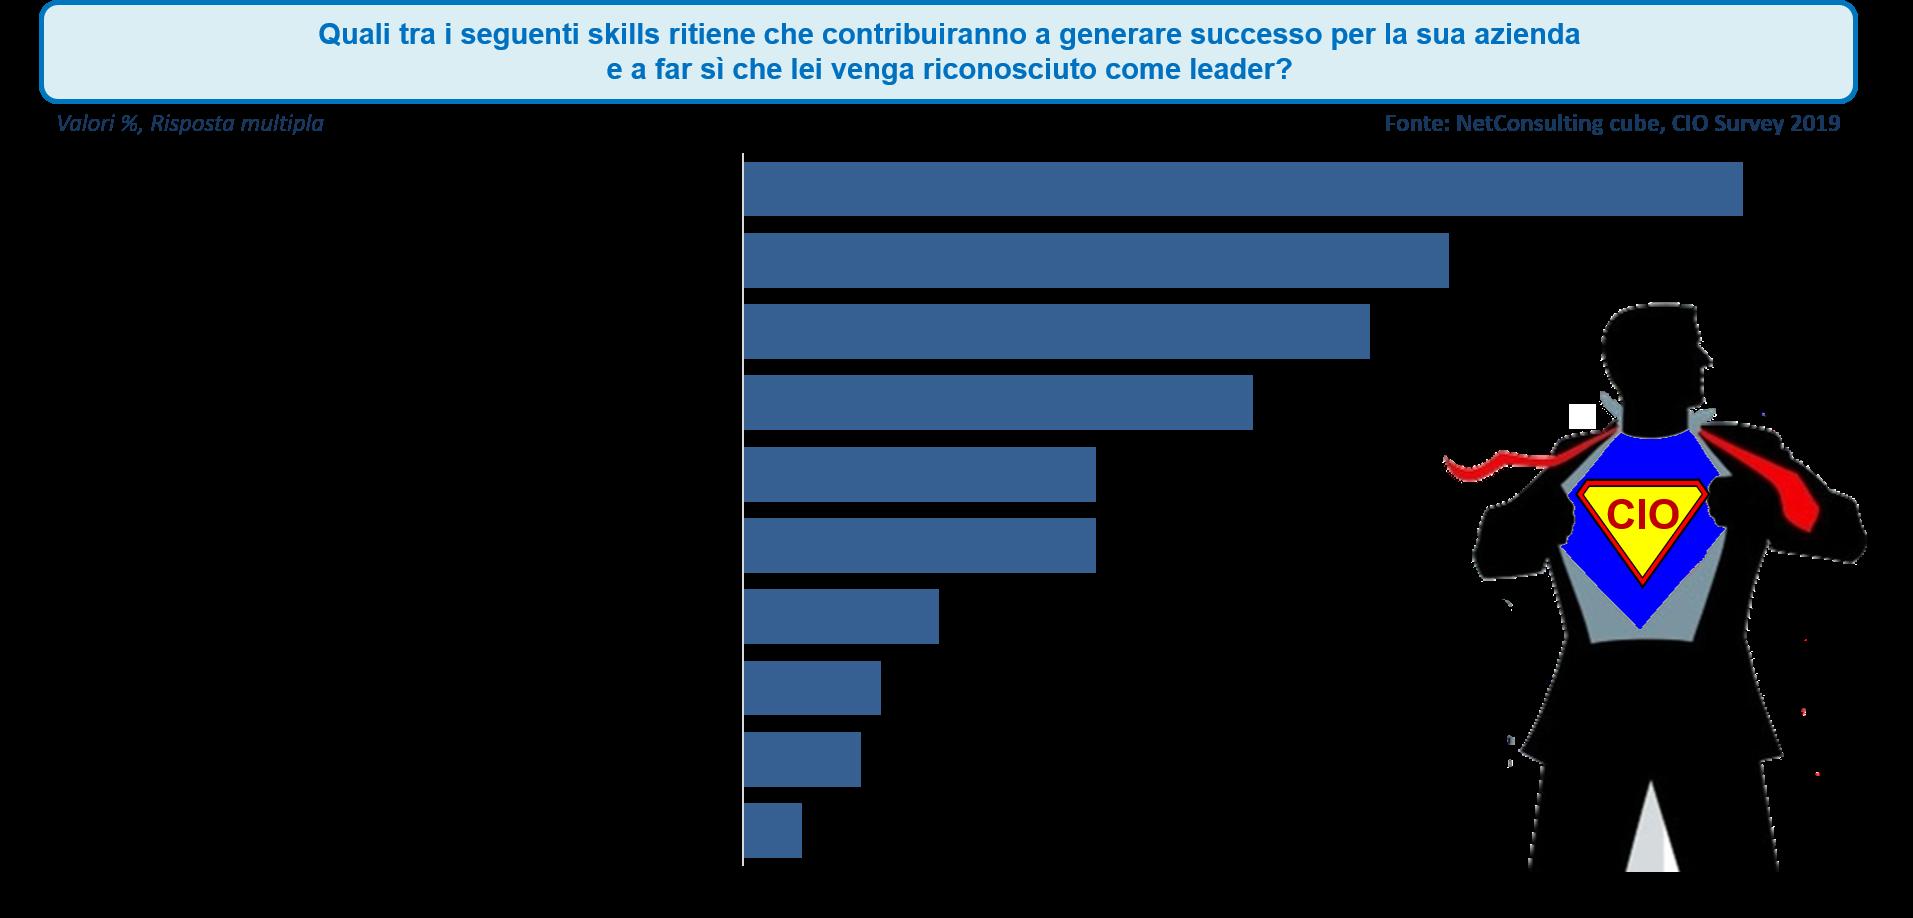 Le competenze richieste al Cio innovatore -Fonte: NetConsulting cube, CIO Survey 2019